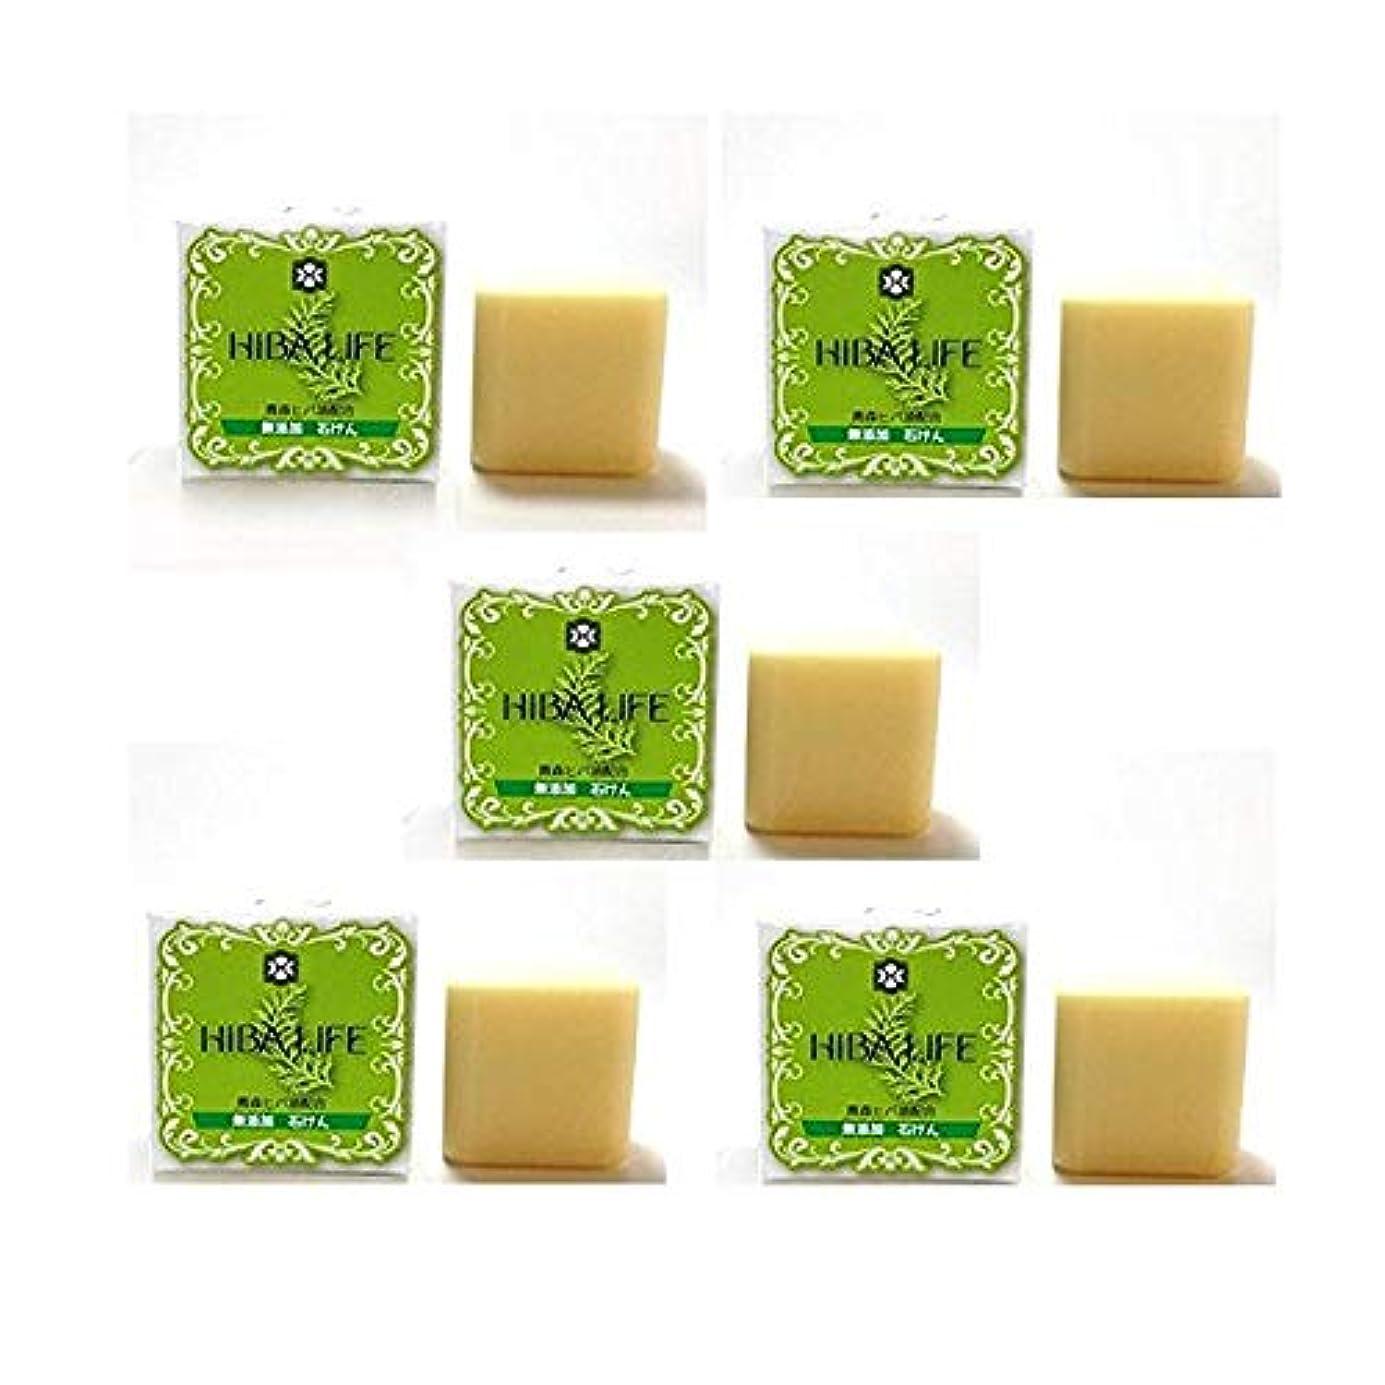 何よりも祈り祈りヒバ石鹸 ひばの森化粧石鹸5個セット(100g×5個) 青森ヒバ精油配合の無添加ひば石鹸